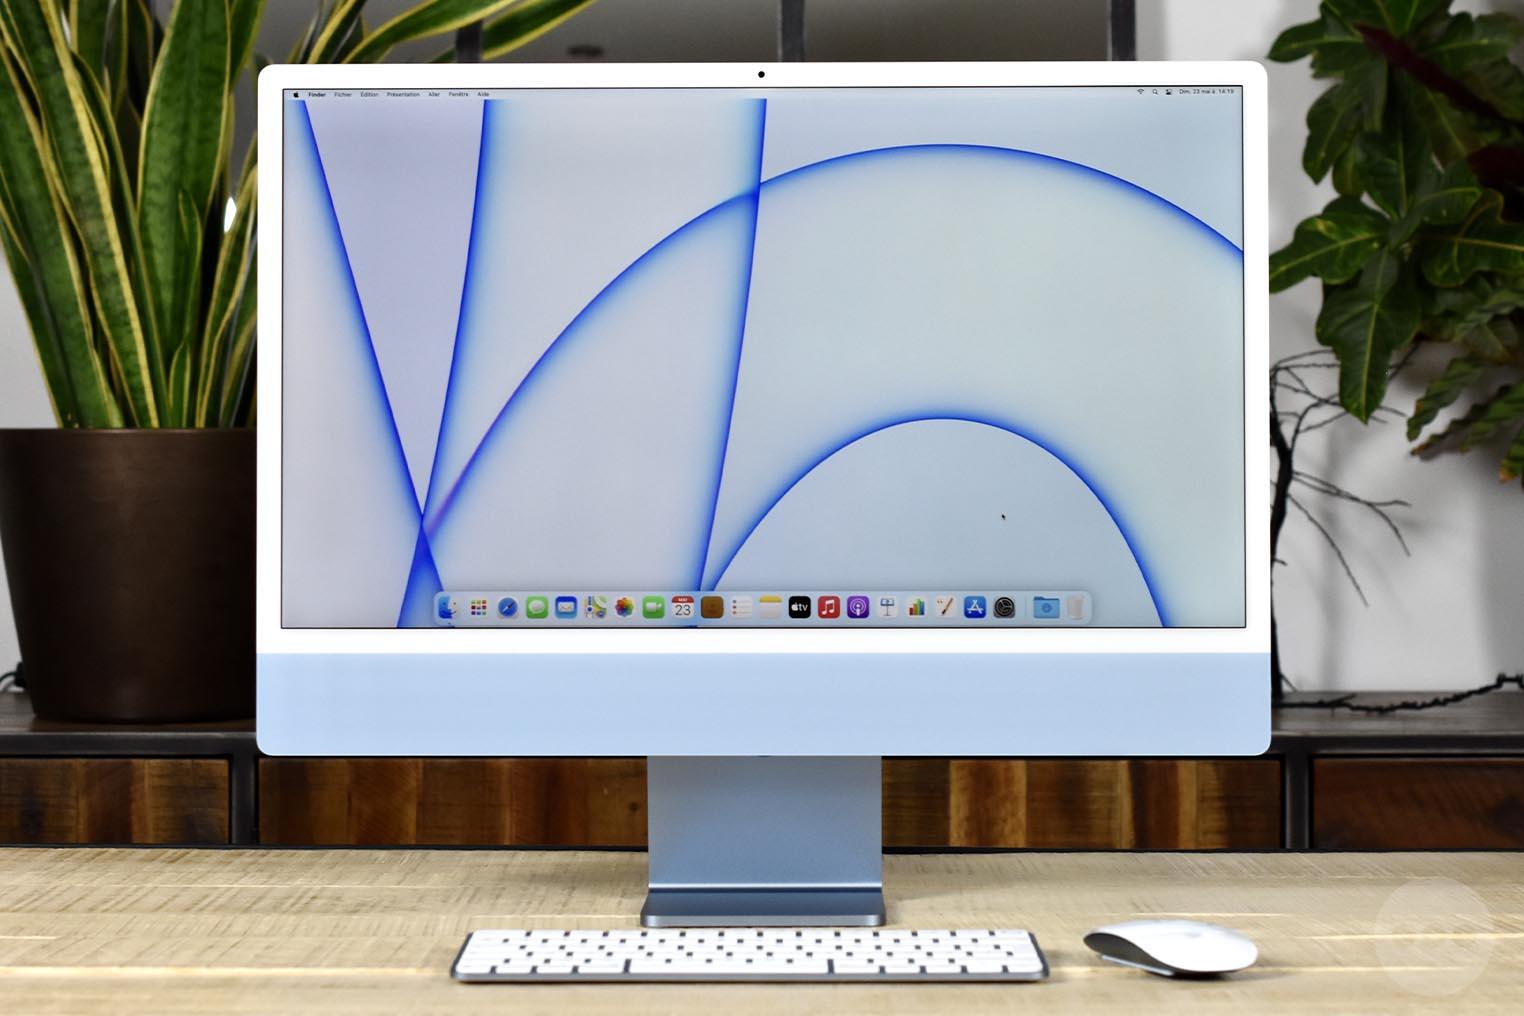 iMac M1 bleu